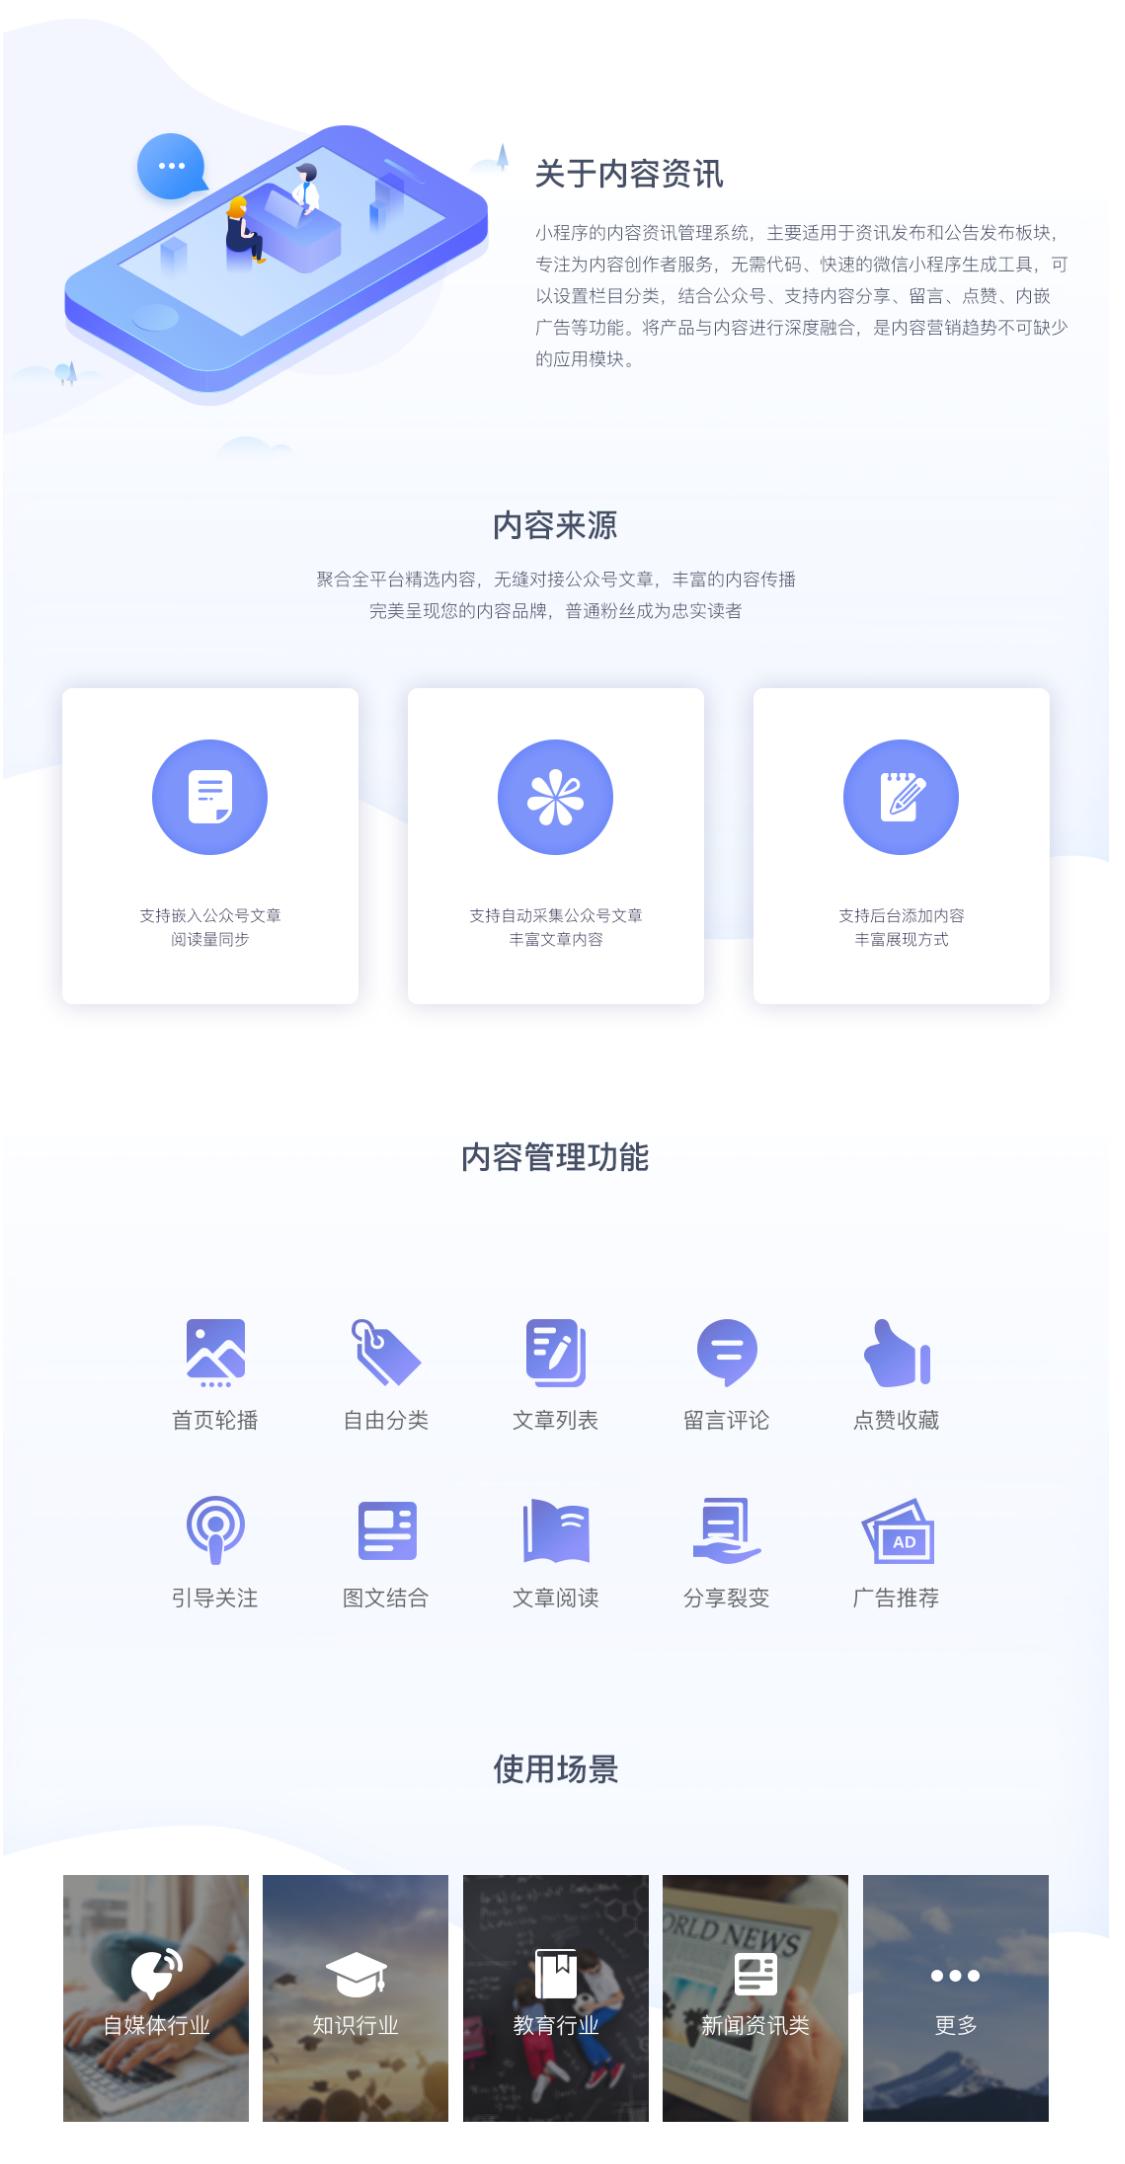 应用中心-通用页面-内容资讯.png